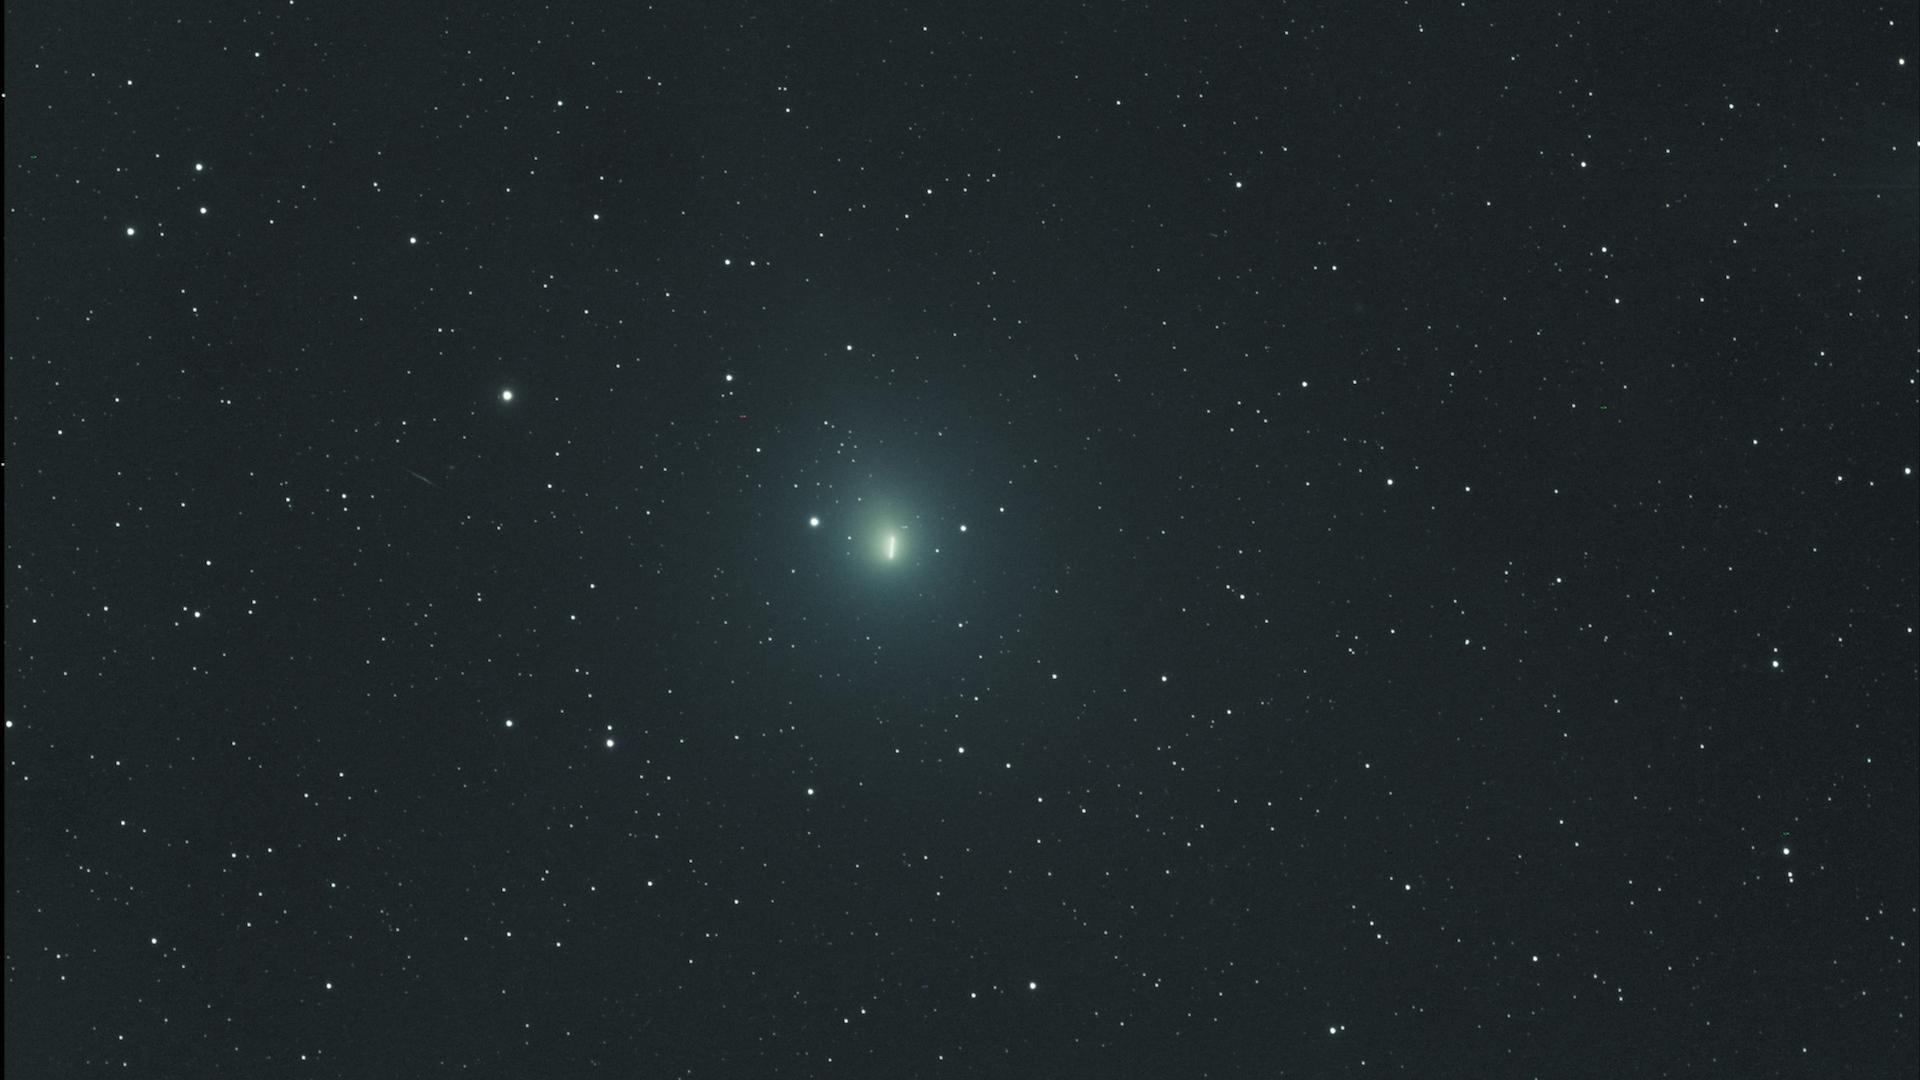 La comète Wirtanen. // Source : Flickr/Domaine public/Stephen Rahn (photo  recadrée)